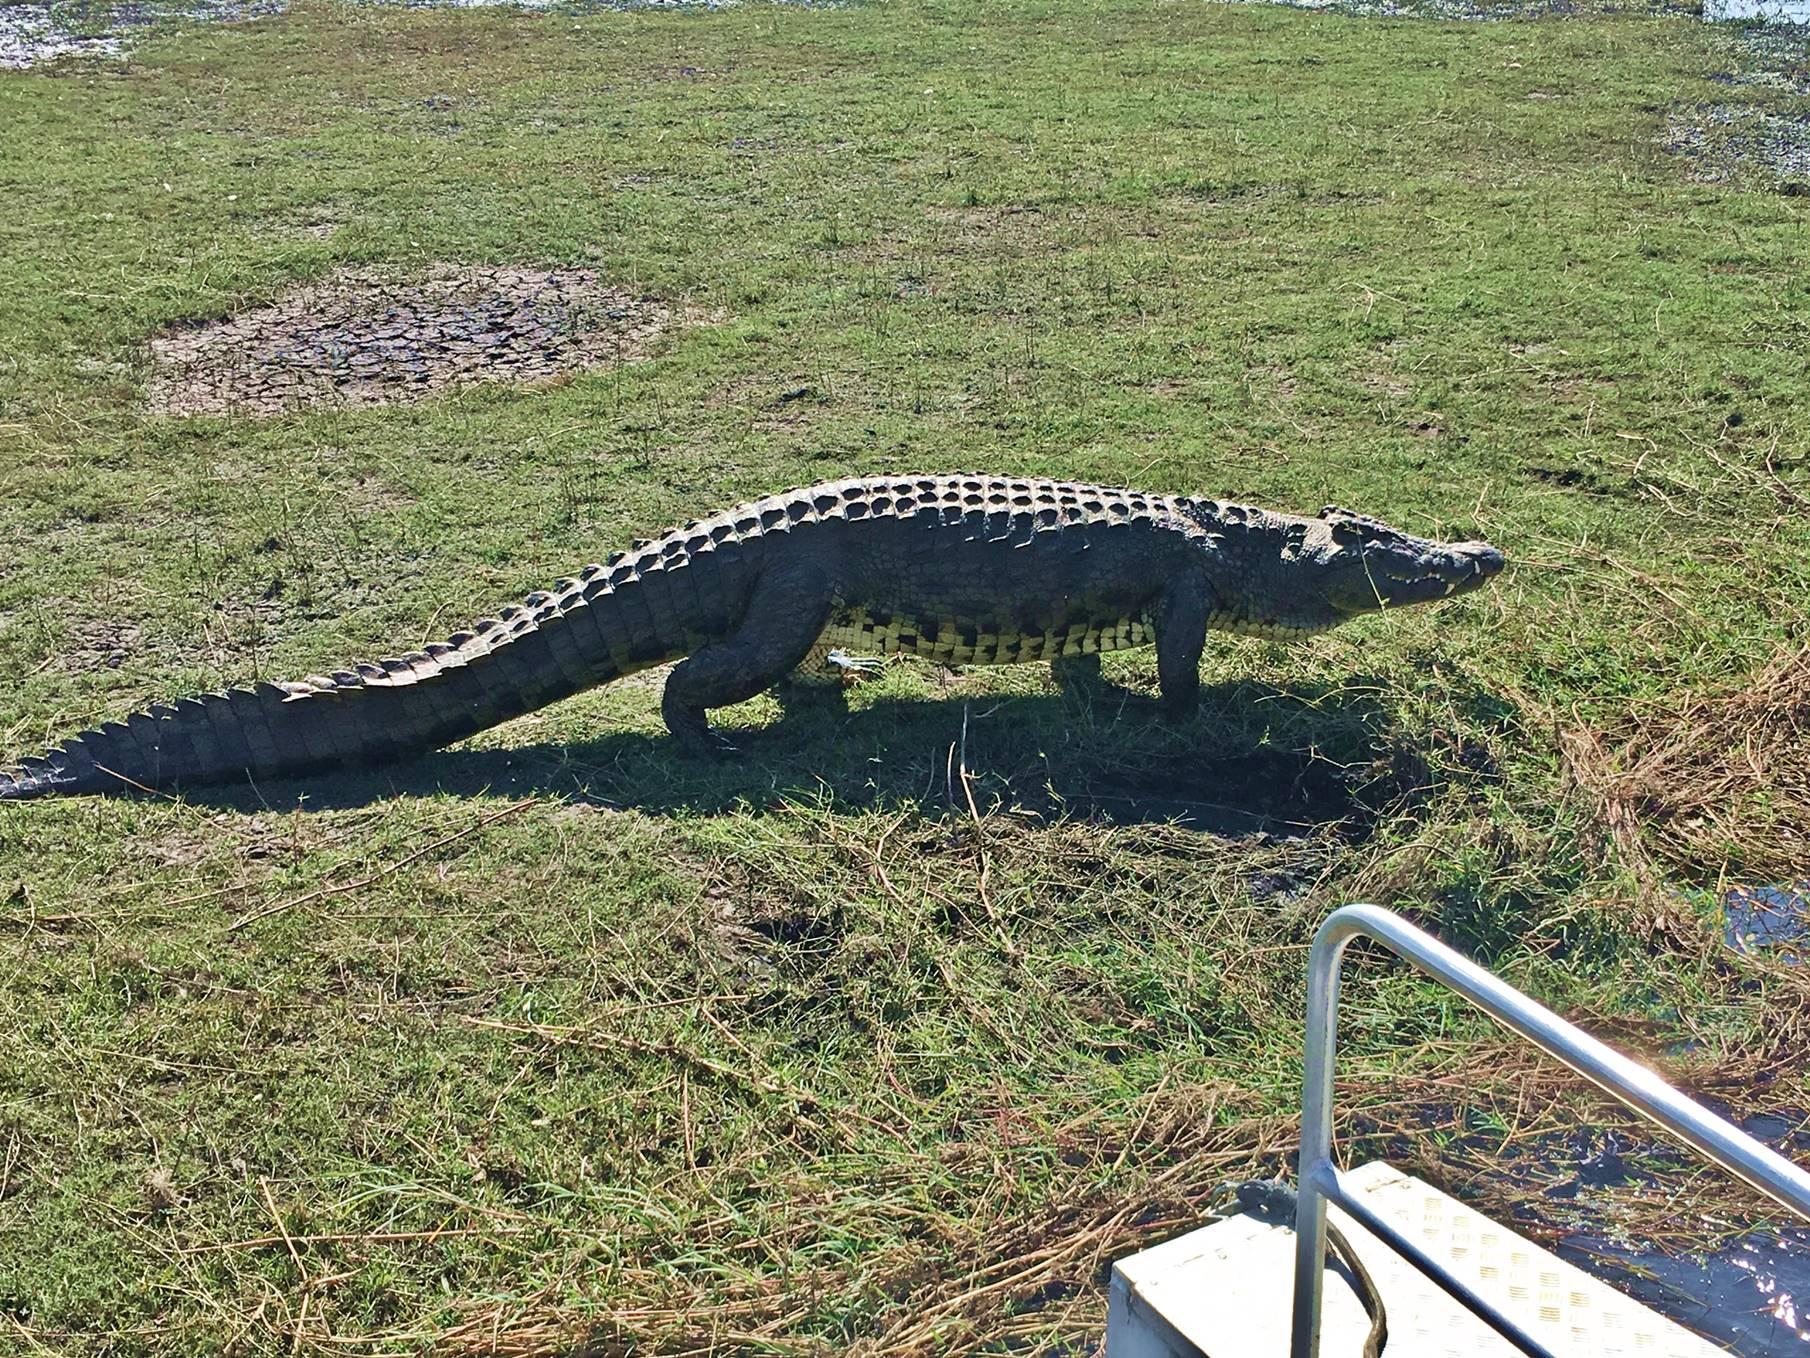 chobe_botswana_crocodilo